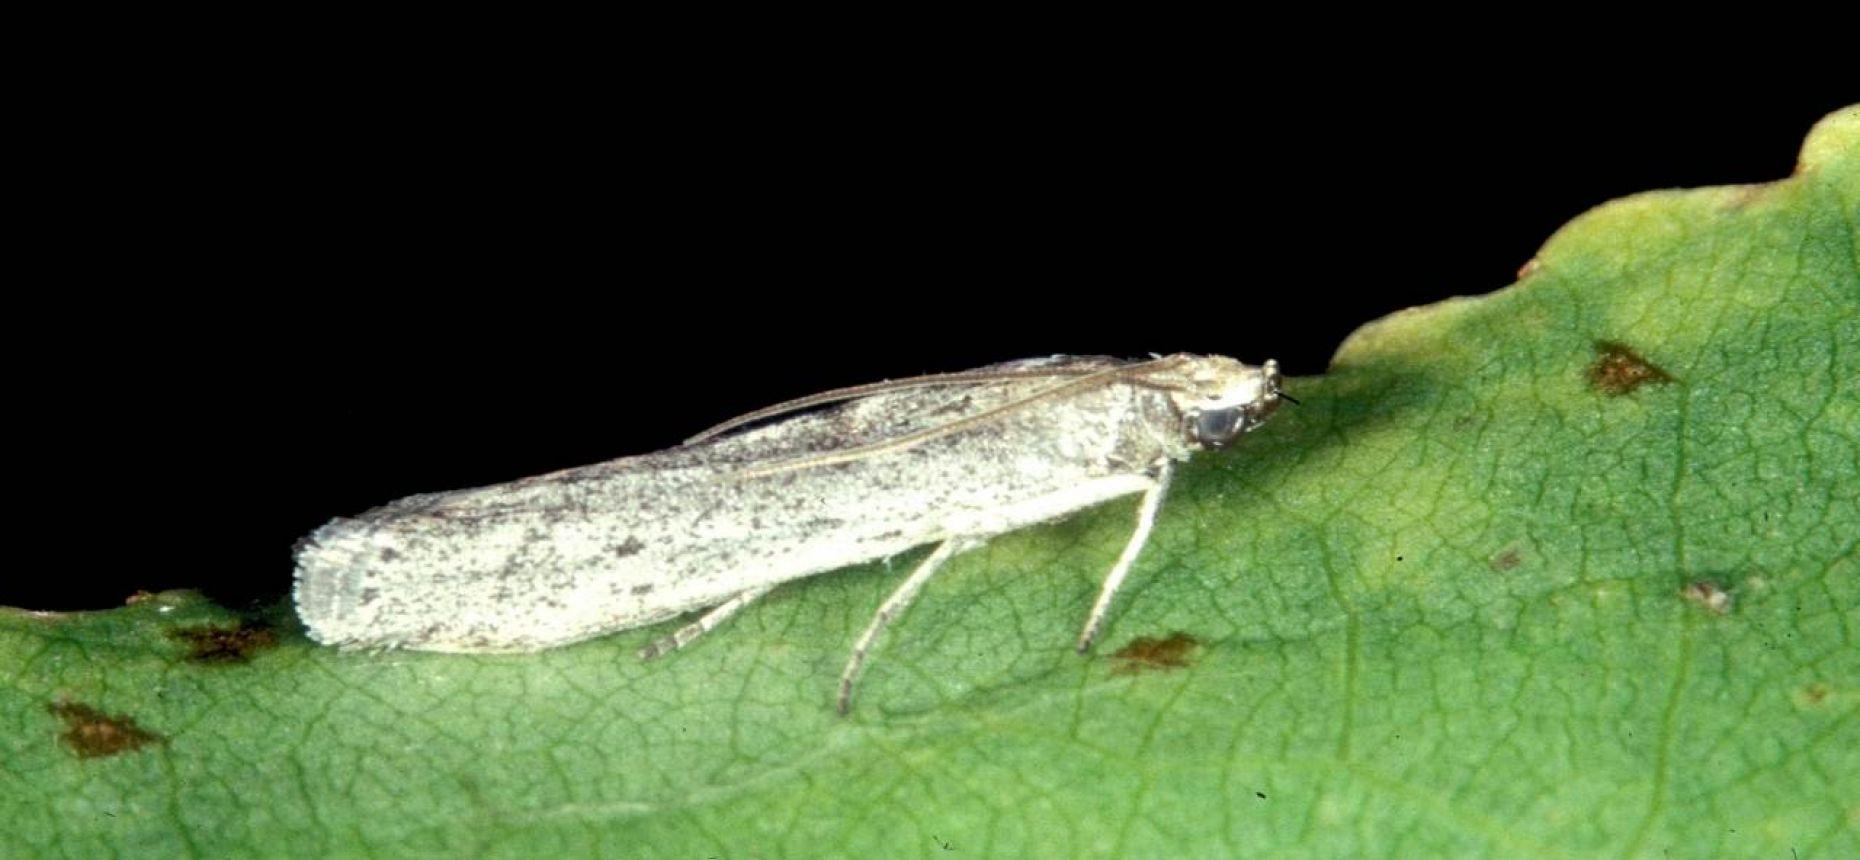 Подсолнечниковая огневка - Homoeosoma nebulellum Den. et Schiff.